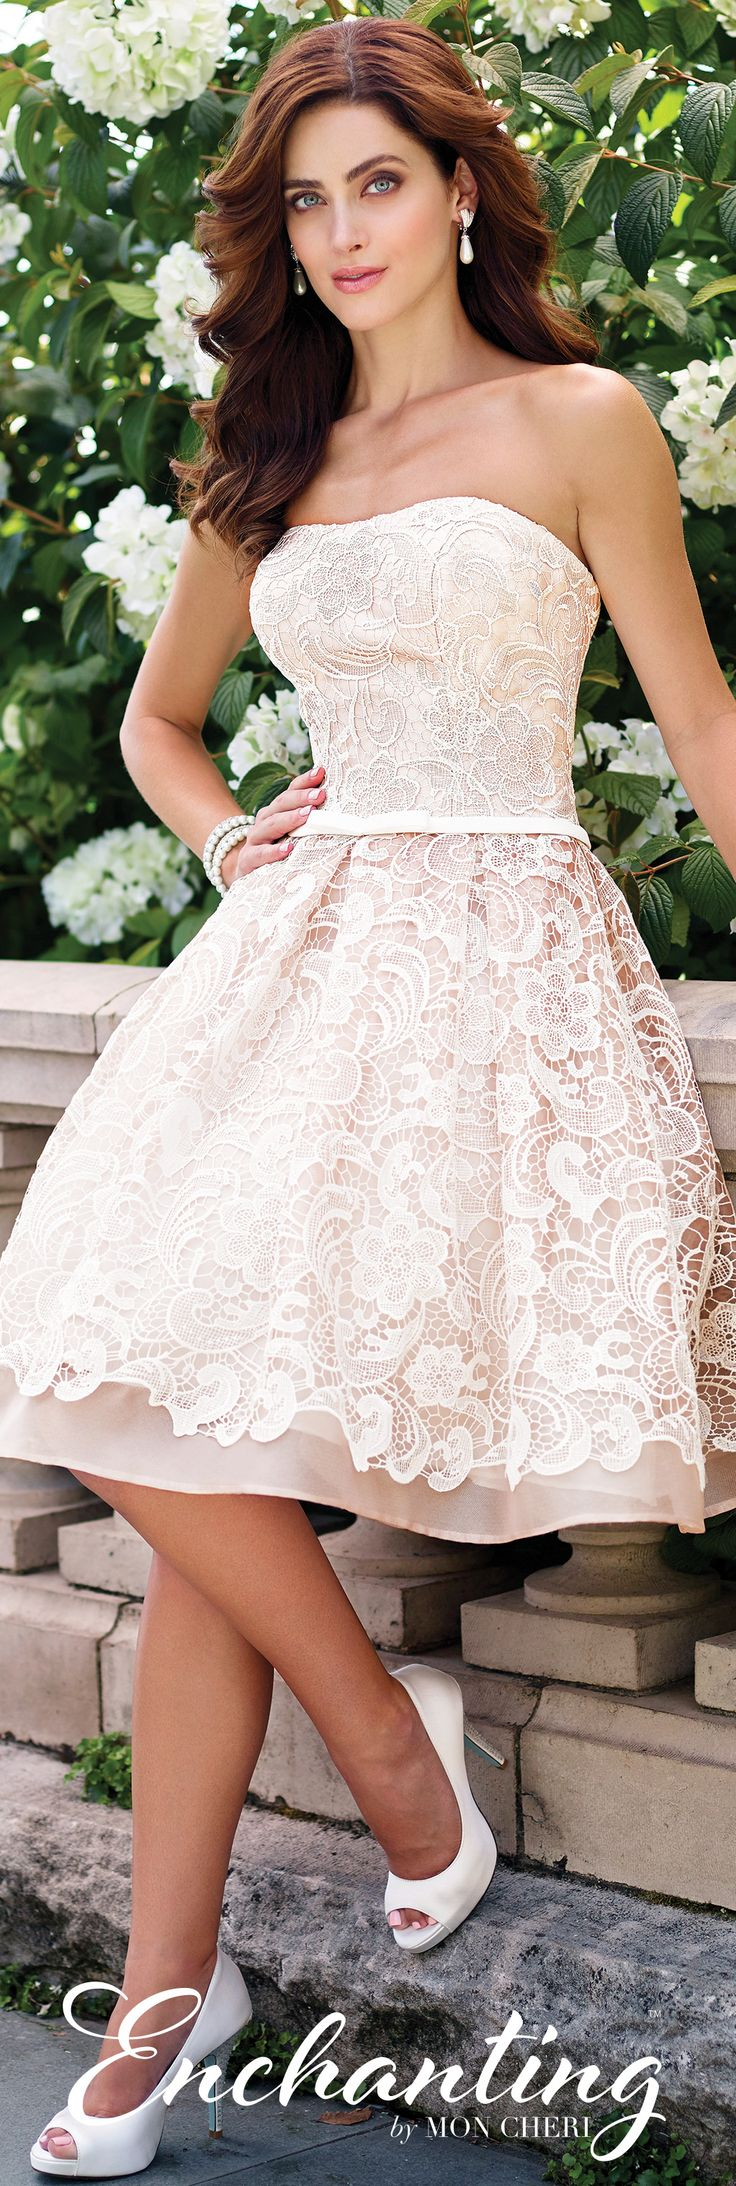 38 best knee length wedding dresses images on Pinterest | Short ...